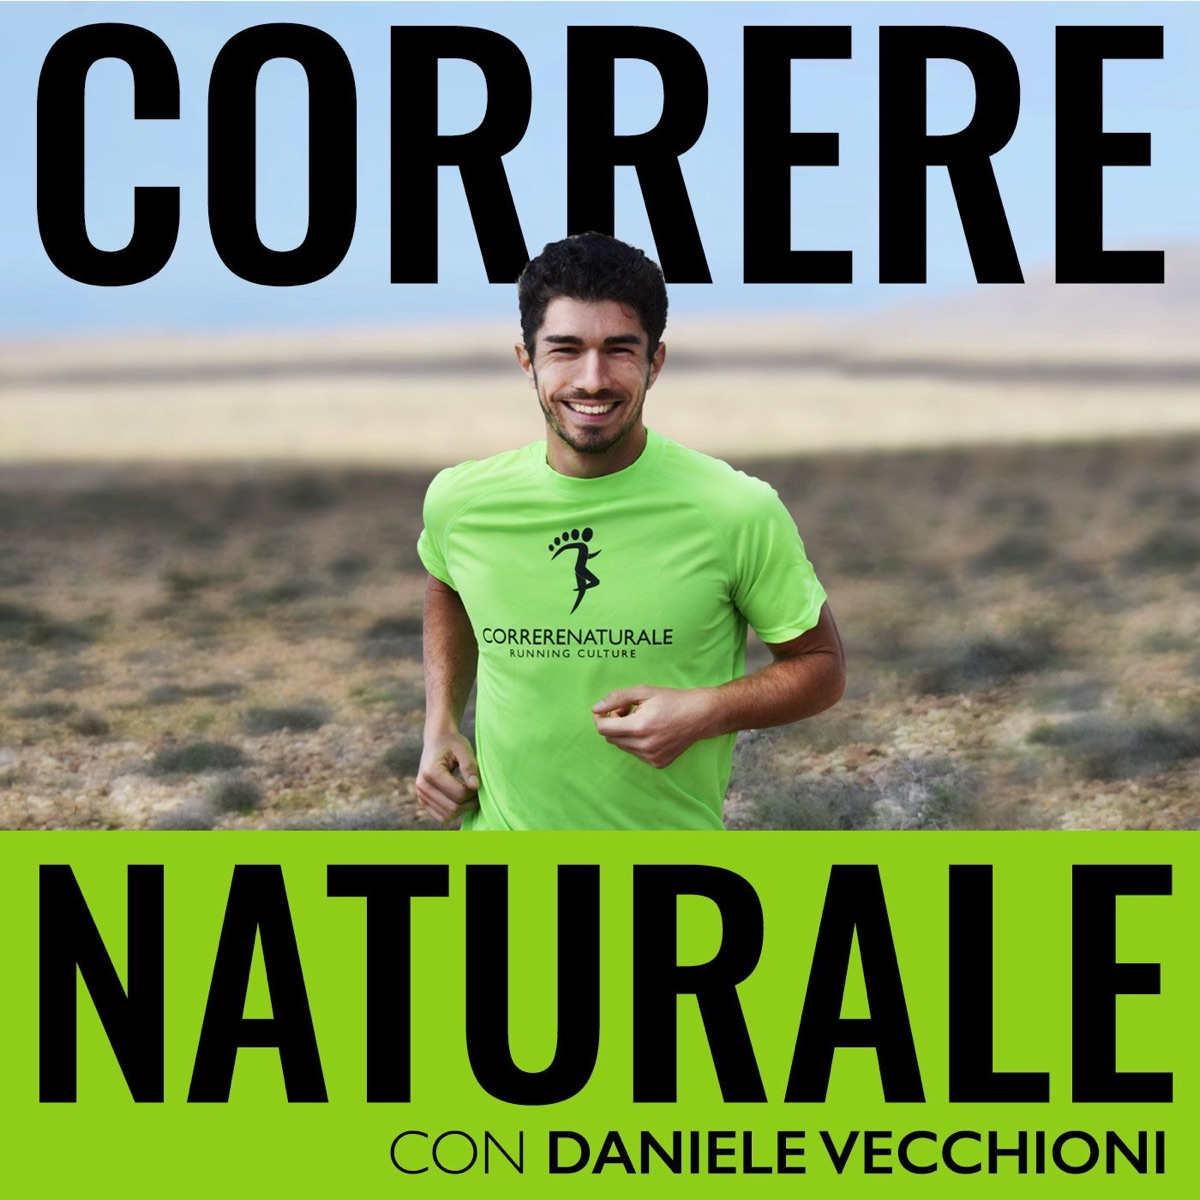 Correre Naturale Podcast